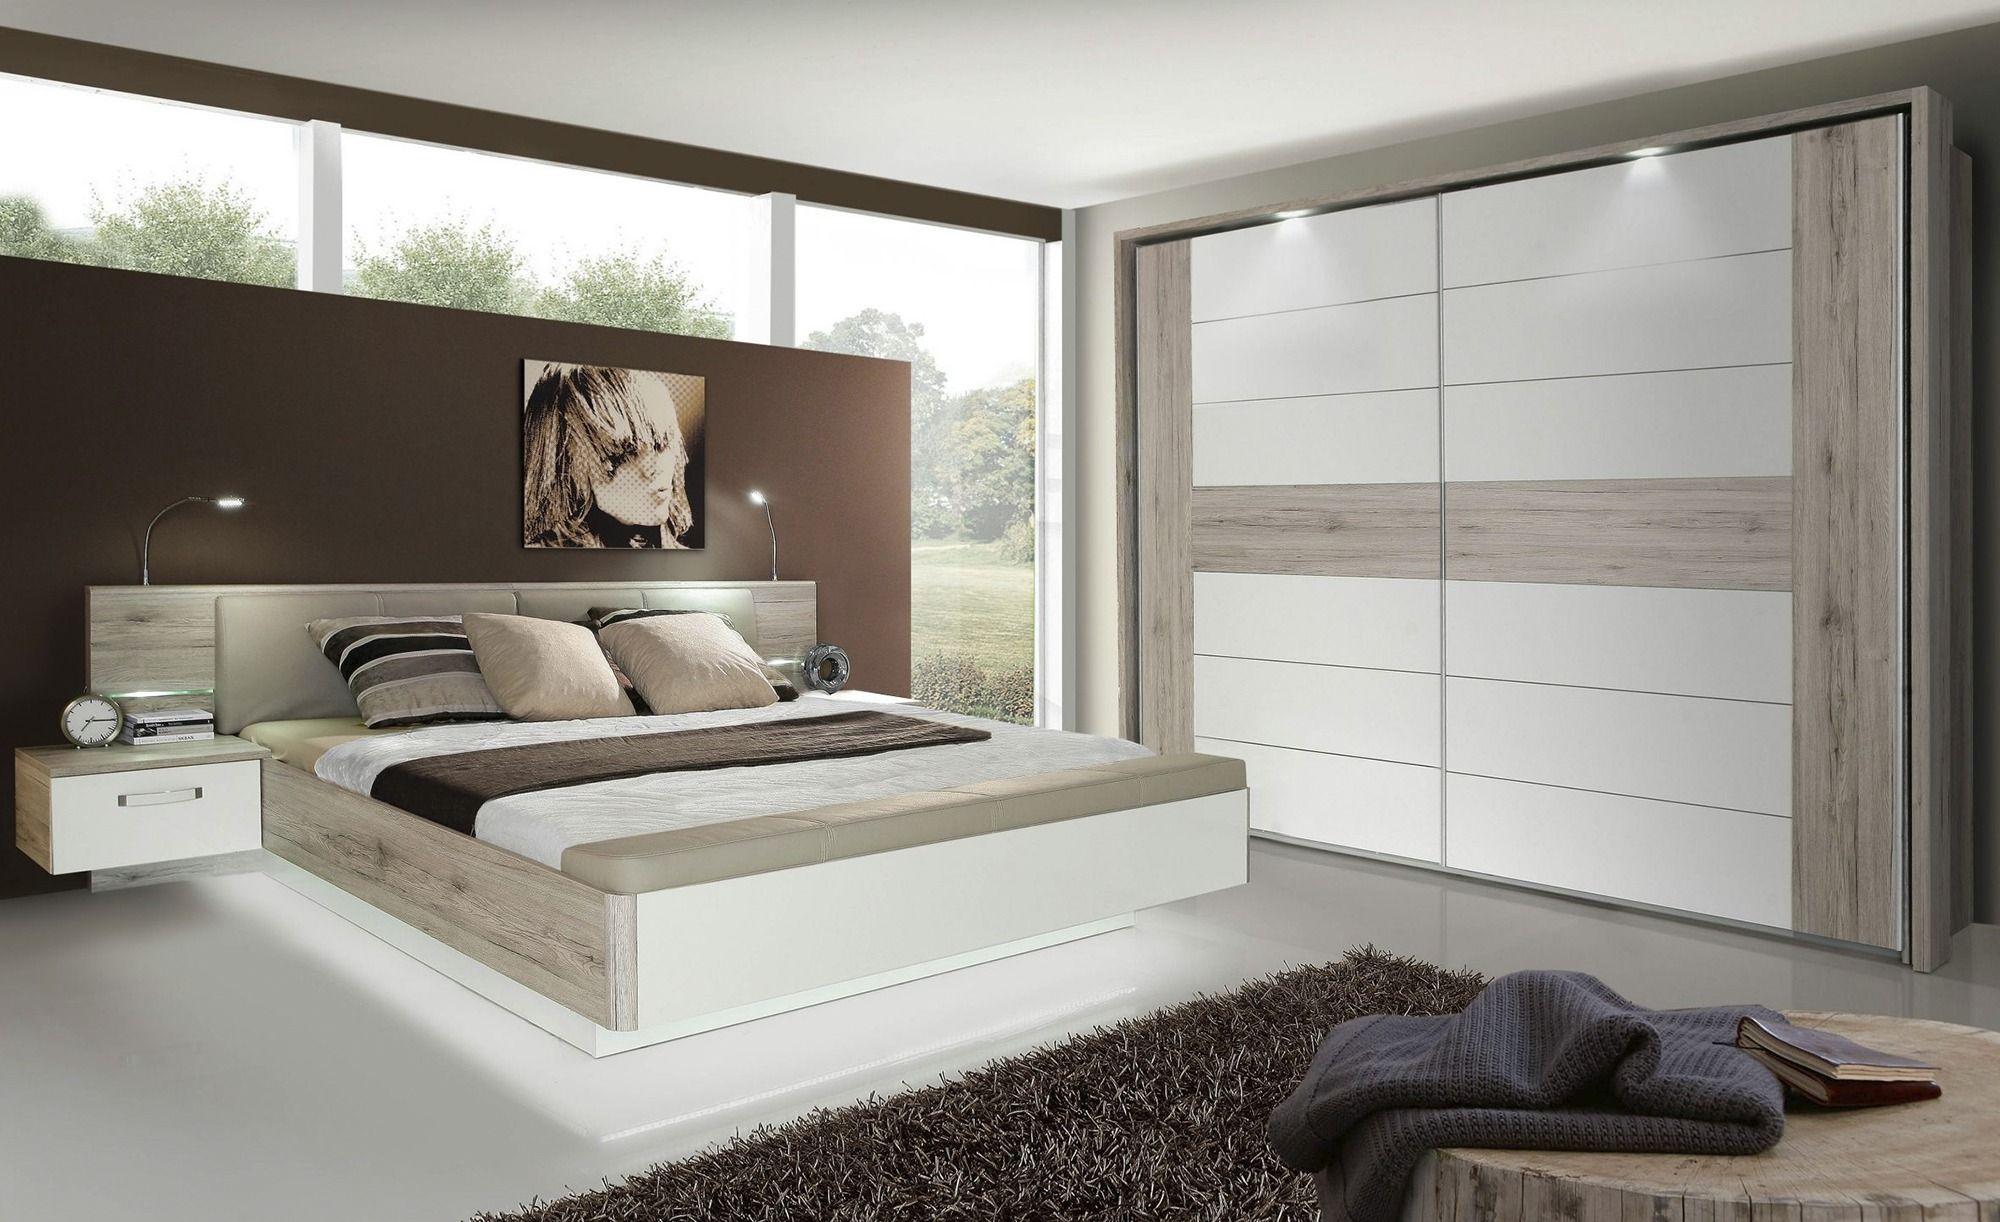 Polsterbett Wakefield Gefunden Bei Mobel Hoffner In 2020 Schlafzimmer Design Luxusschlafzimmer Schlafzimmer